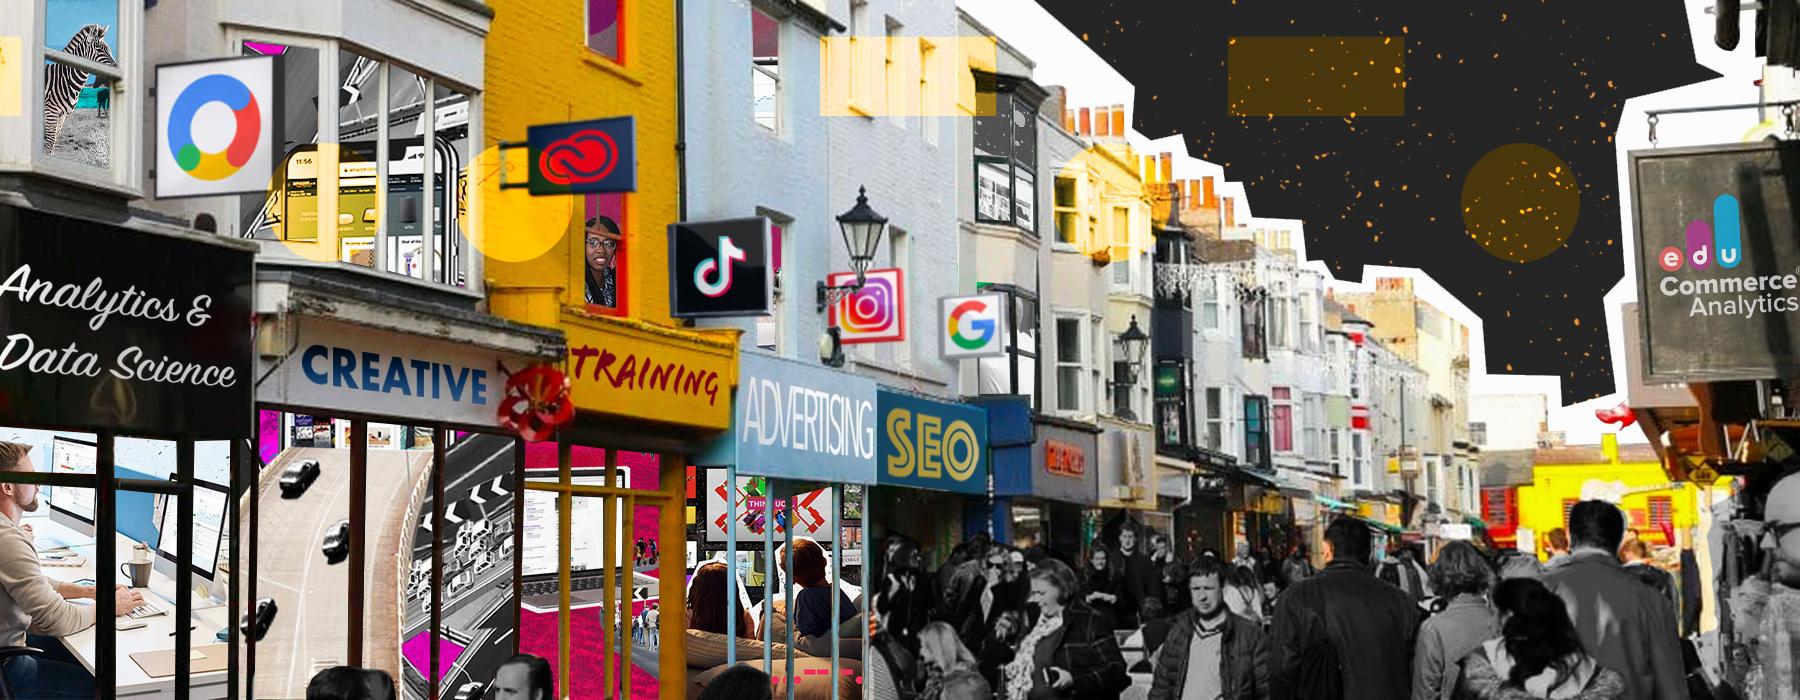 Services header image desktop